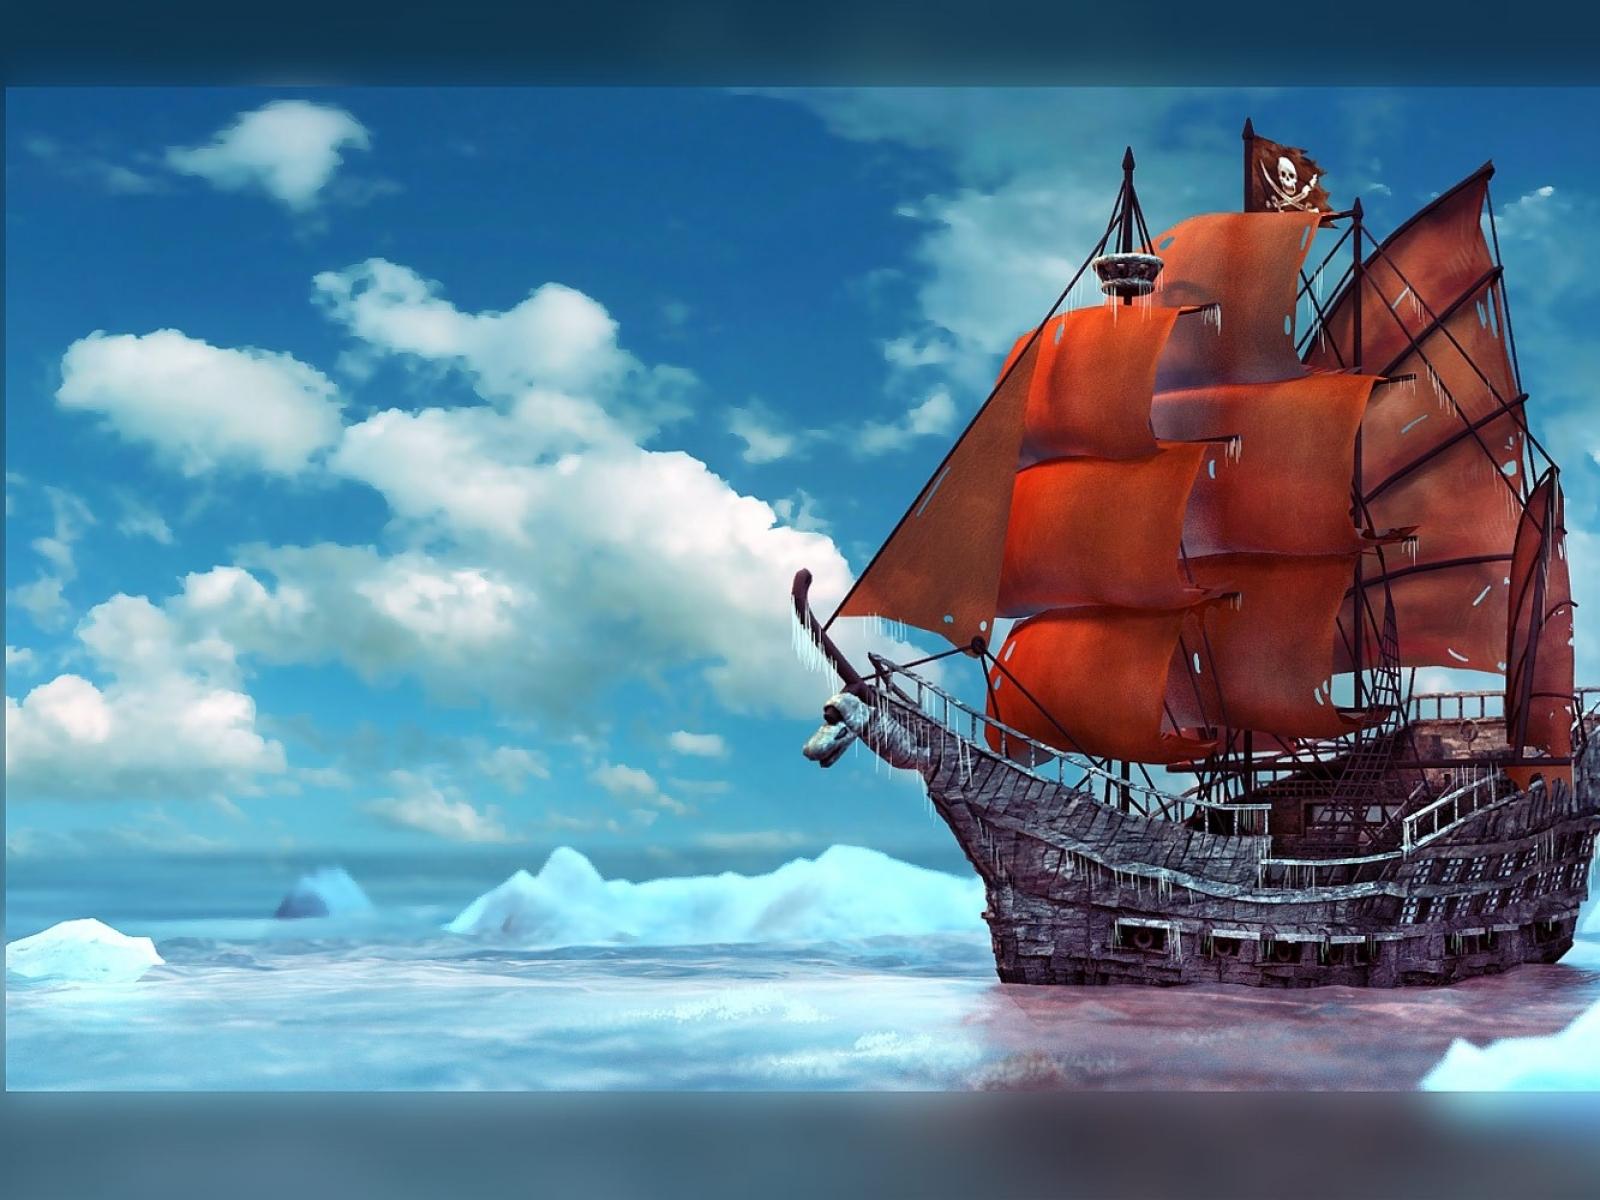 Пиратский корабль обои на рабочий стол